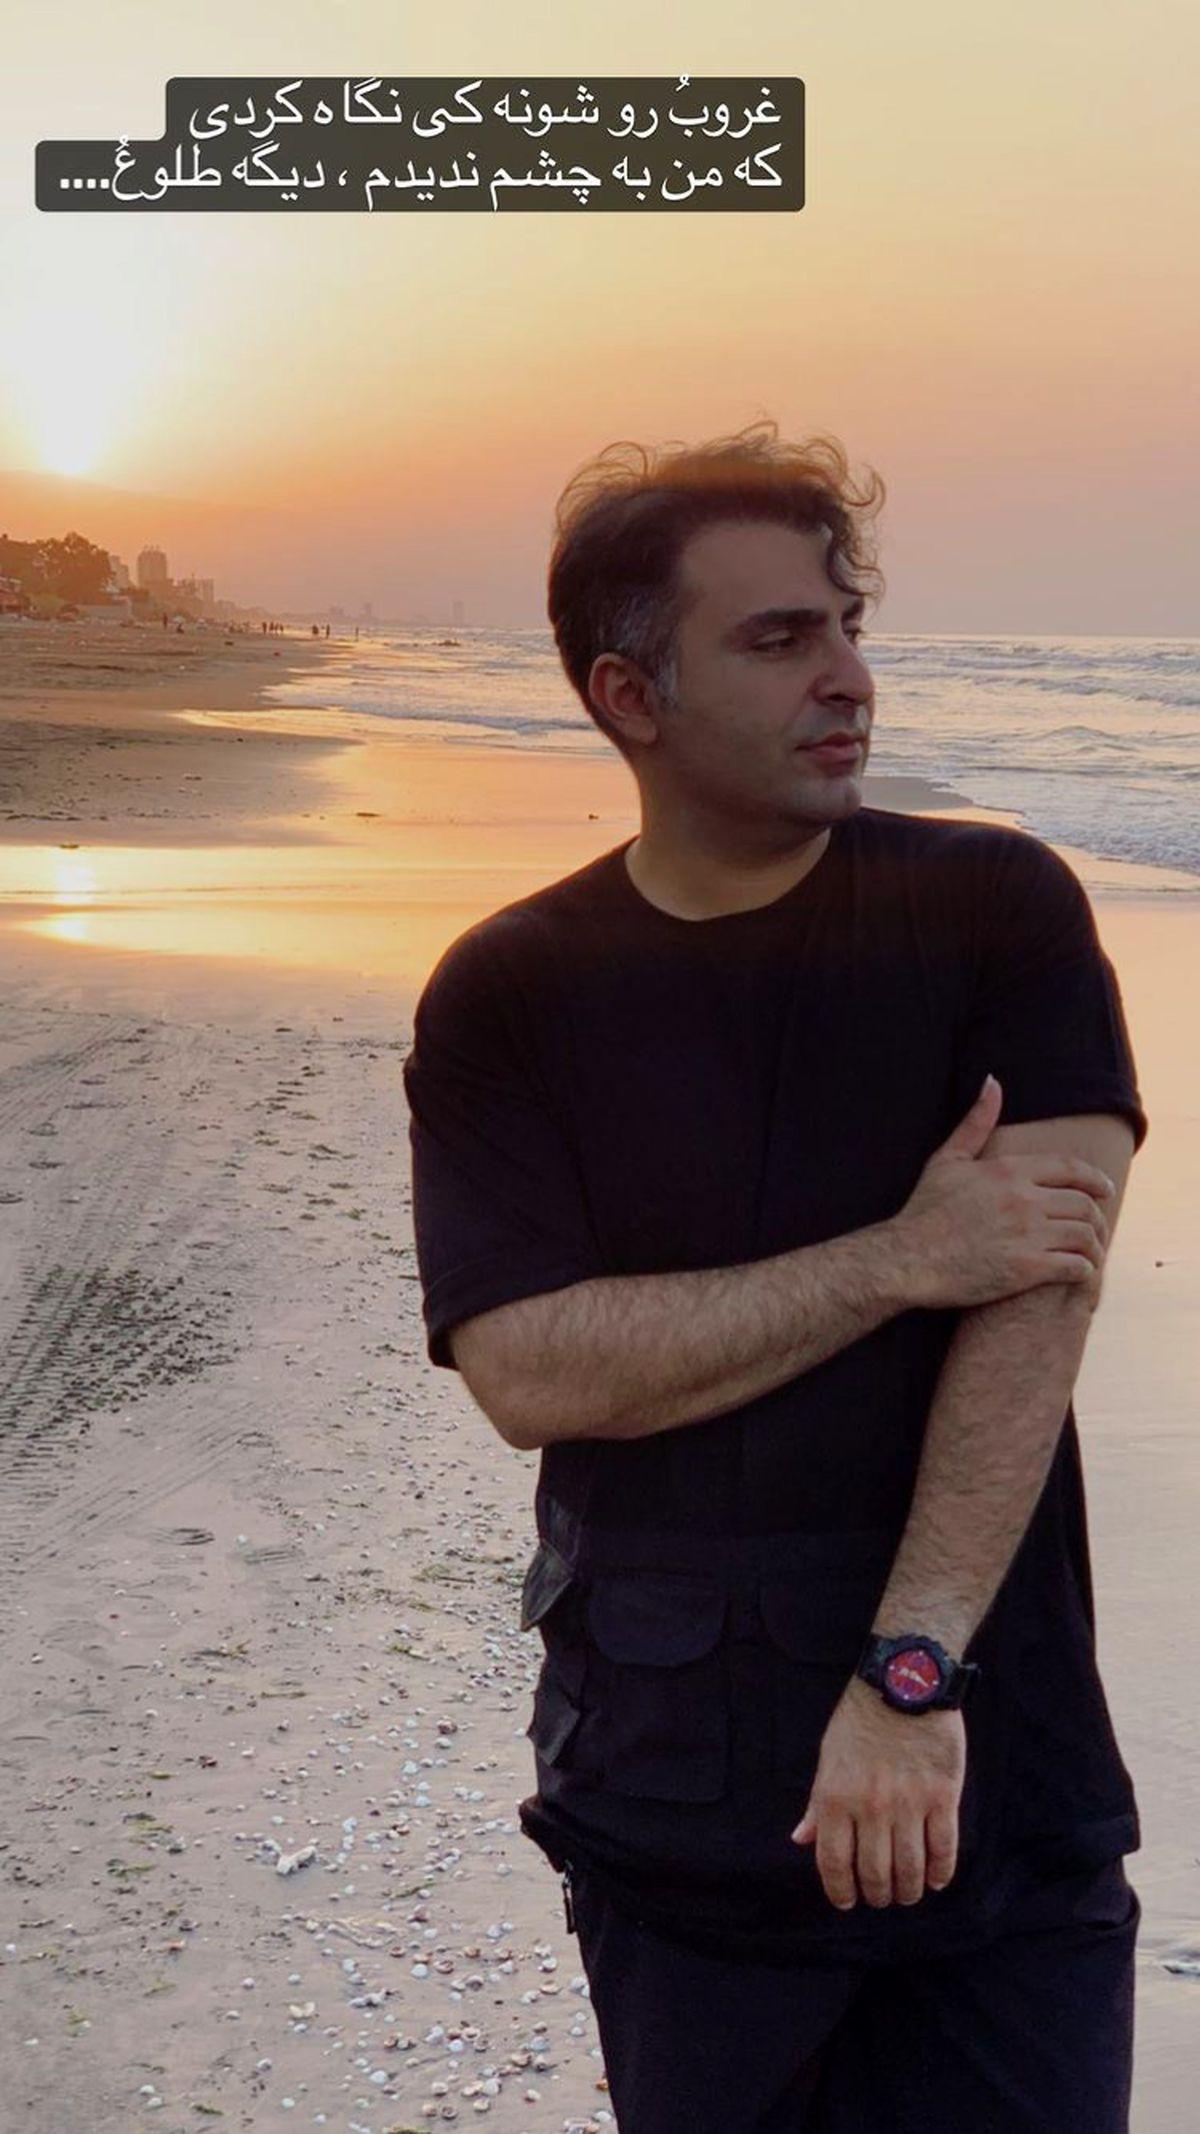 علیرضا طلیسچی در کنار دریا + عکس